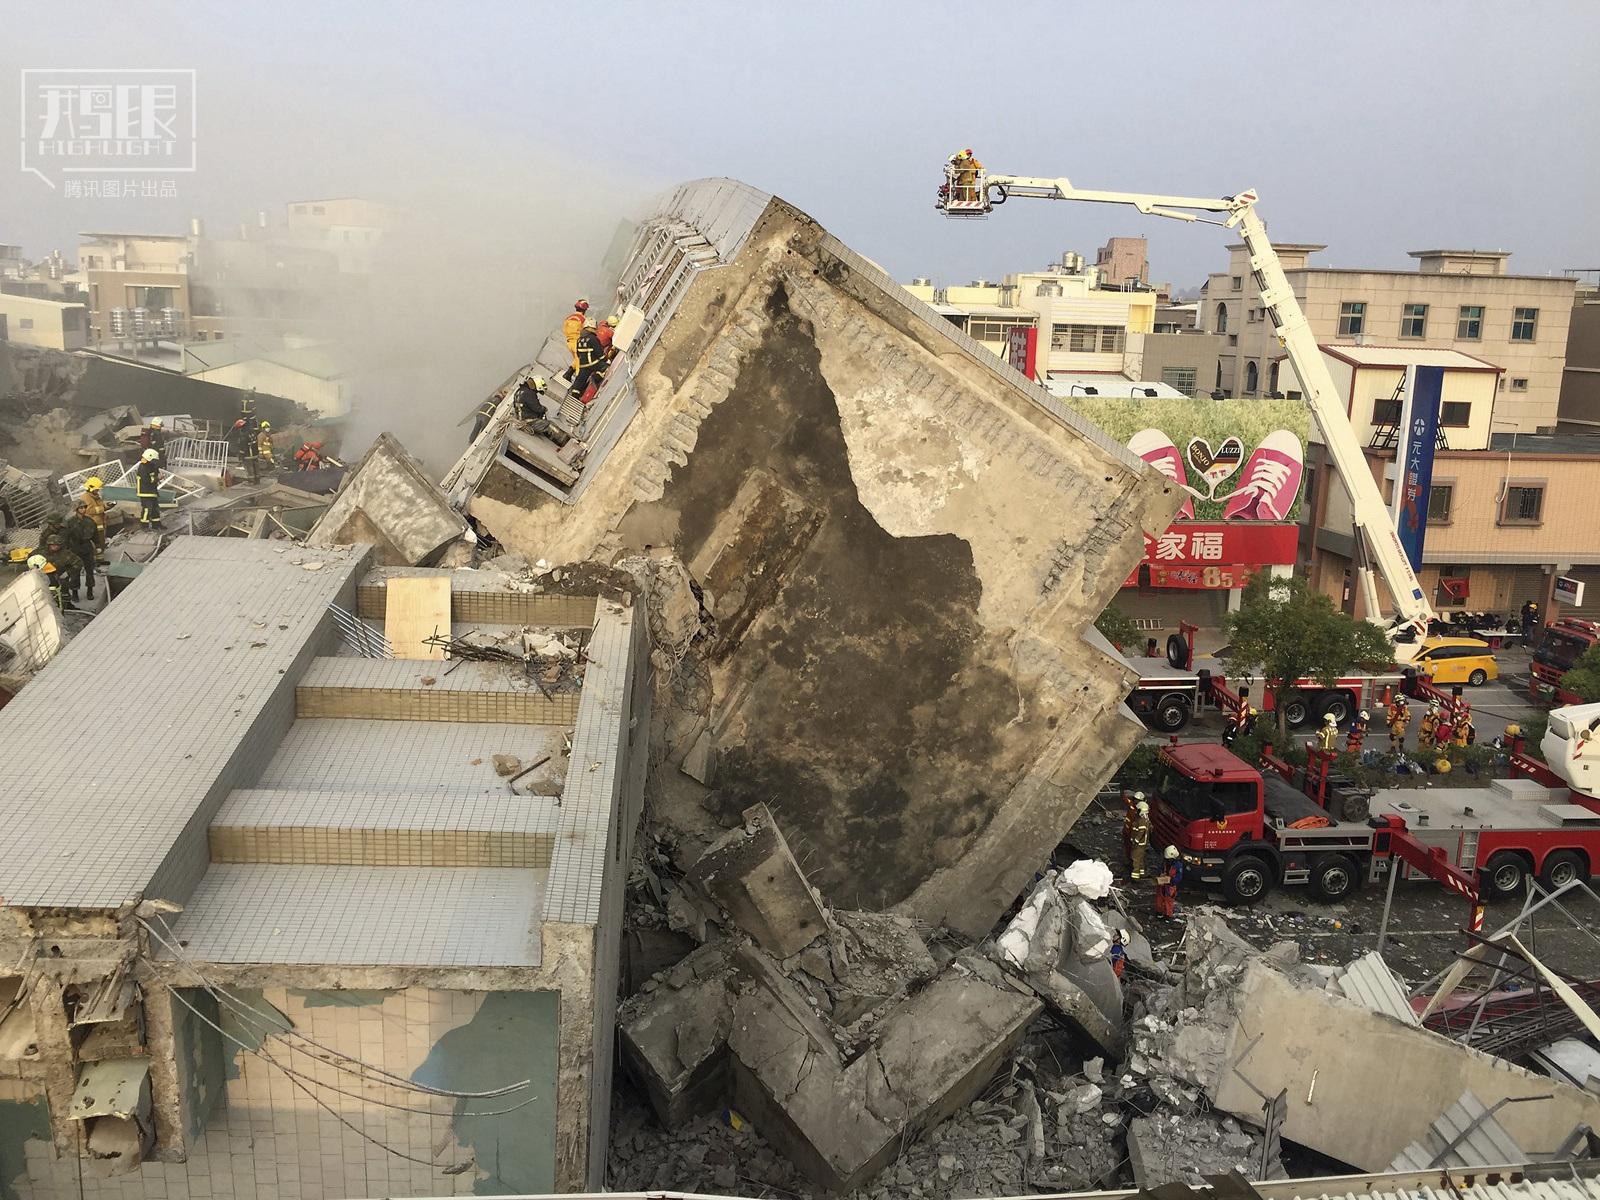 直击台湾高雄地震现场【高清大图20幅】 - 纽约文摘 - 纽约文摘